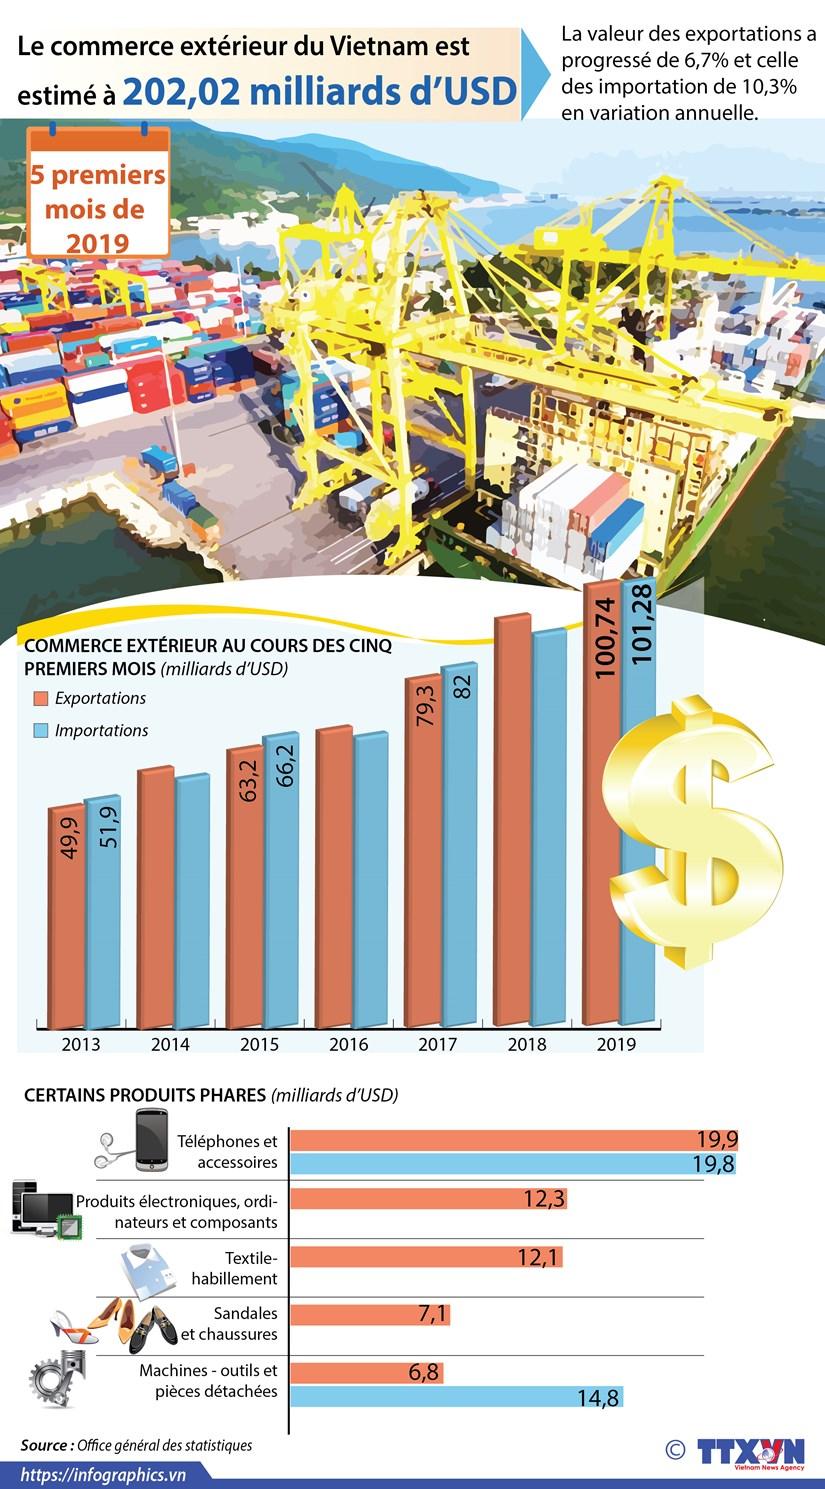 Le commerce exterieur du Vietnam est estime a 202,02 milliards d'USD hinh anh 1